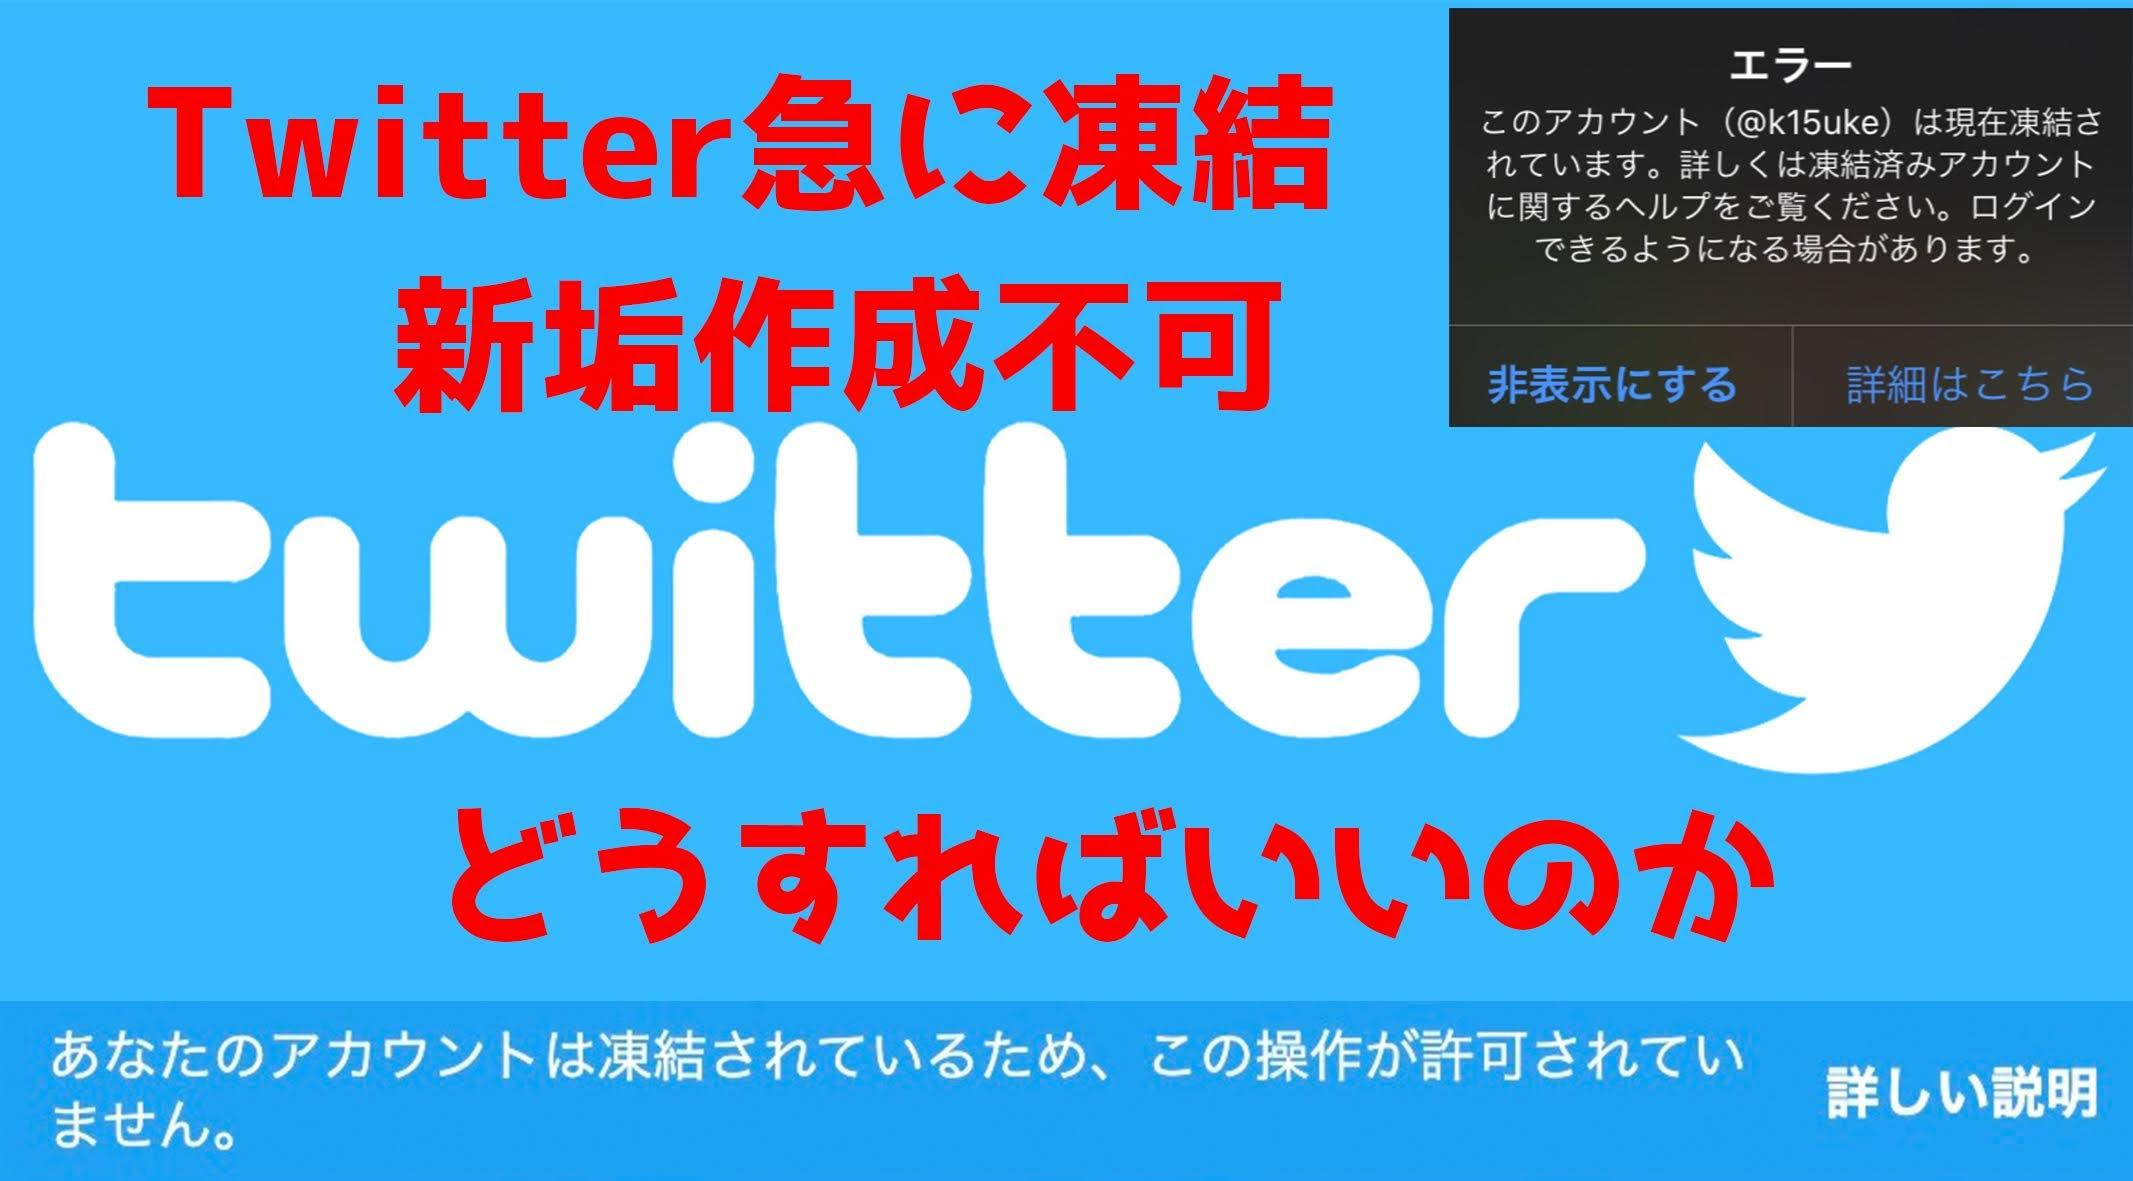 全Twitterアカウントが突然凍結されたという話。